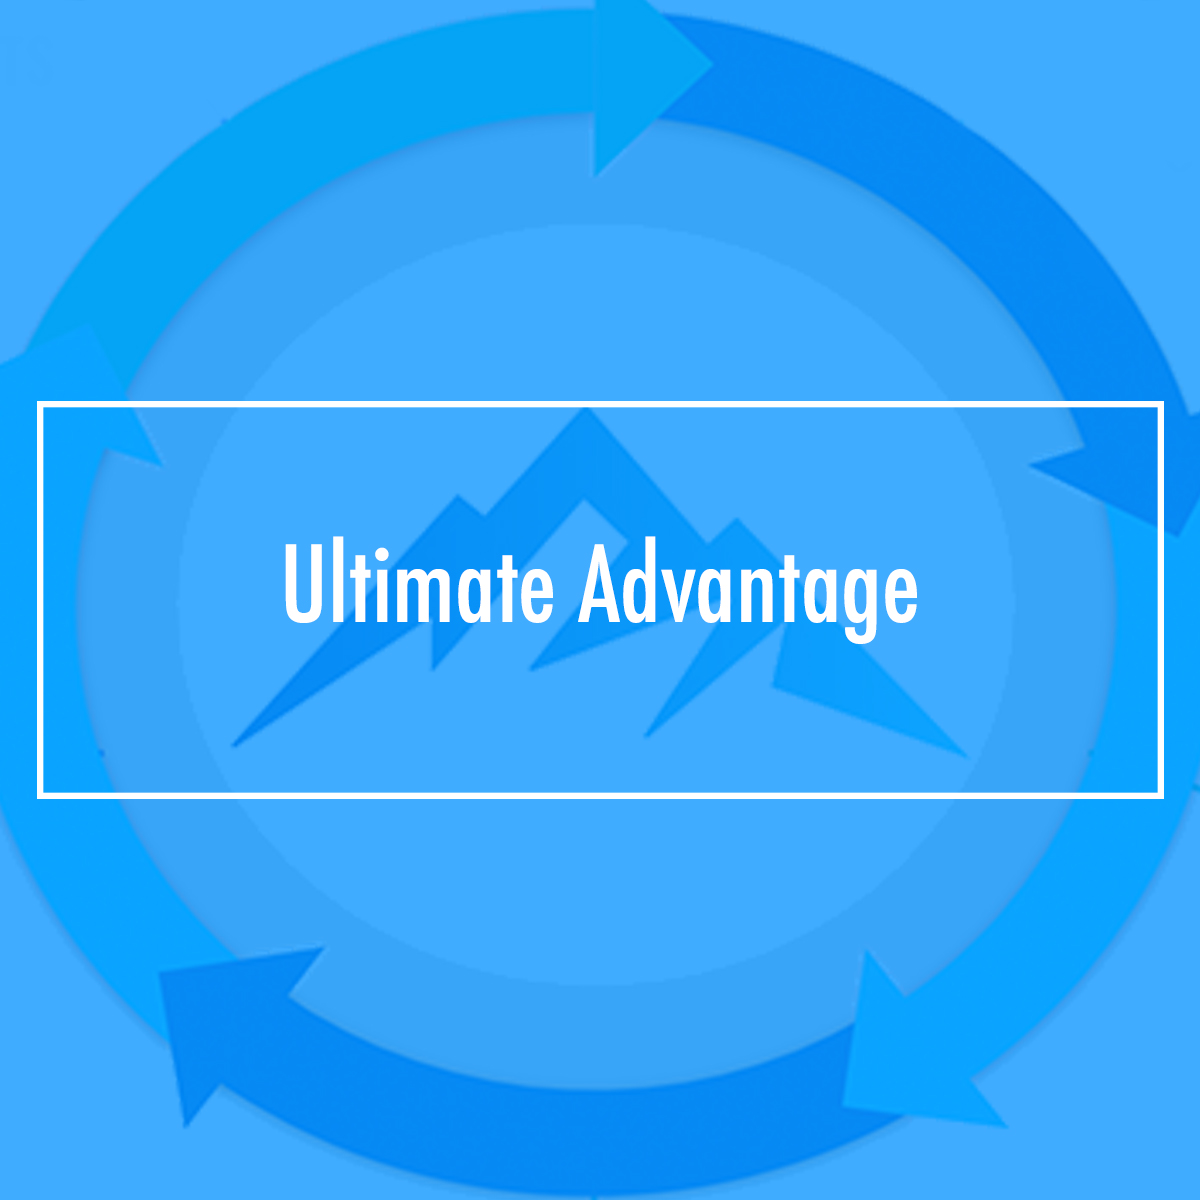 ultimateadvantage